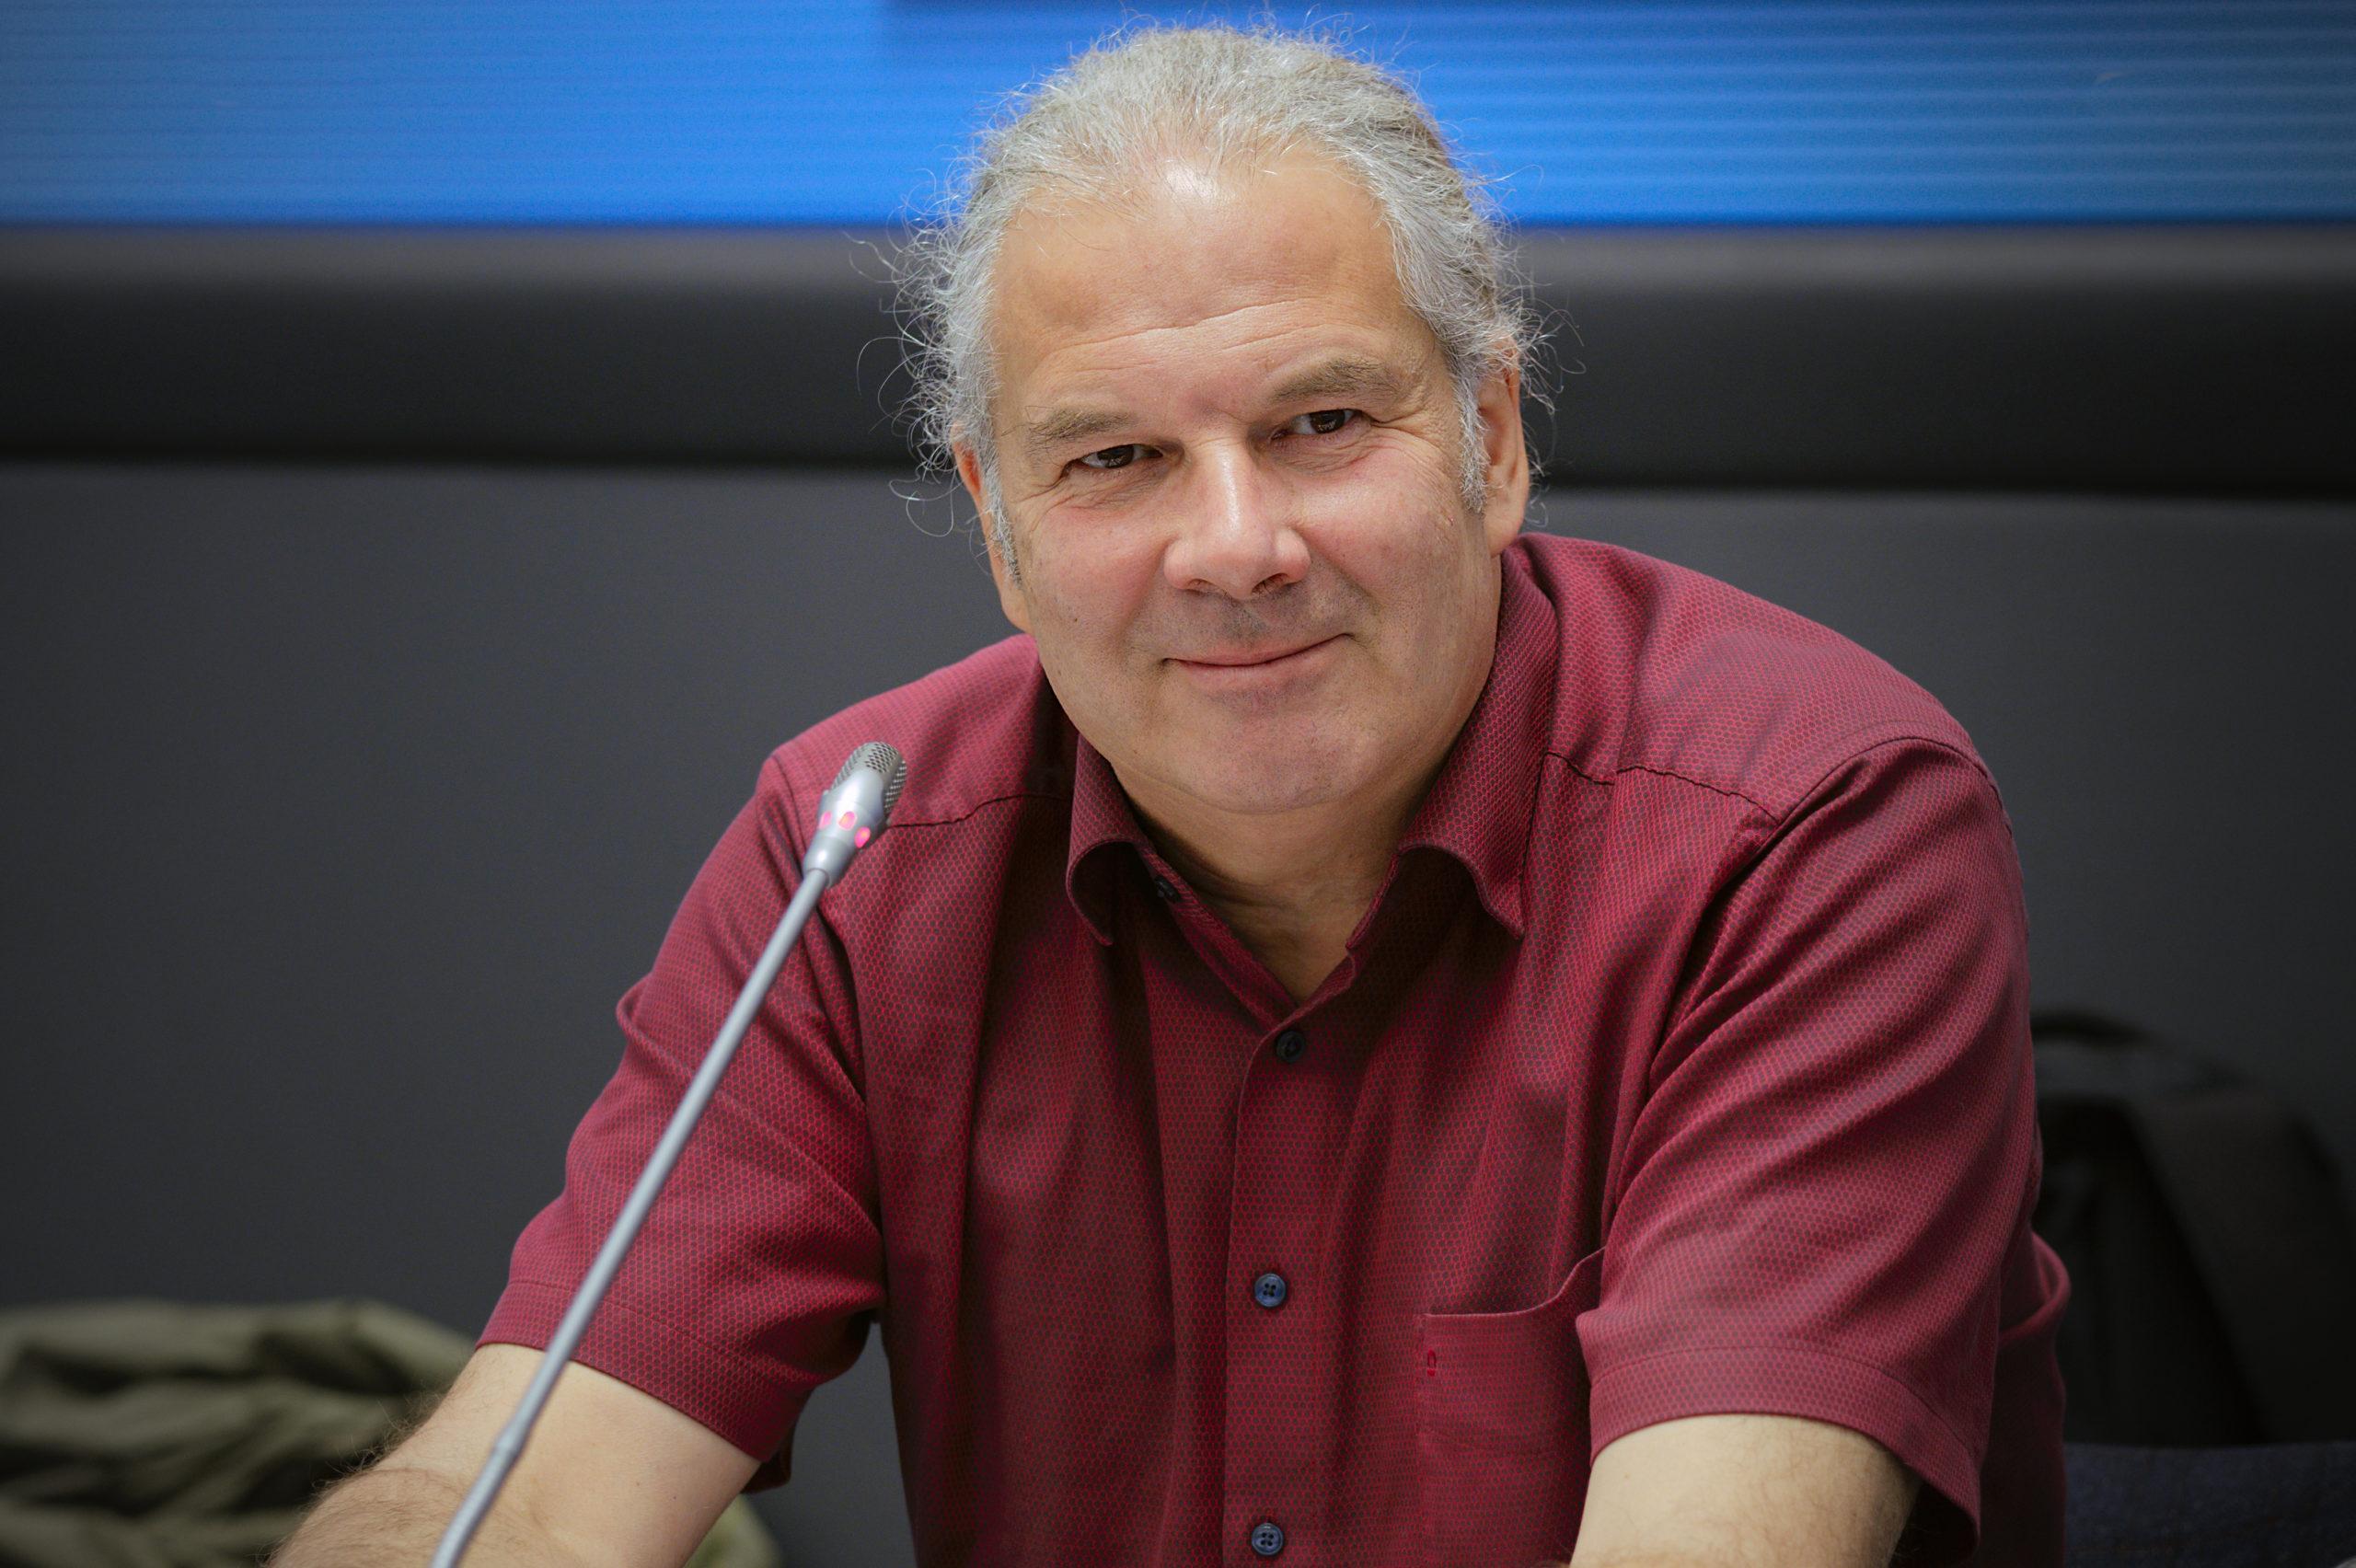 Andrej Hunko